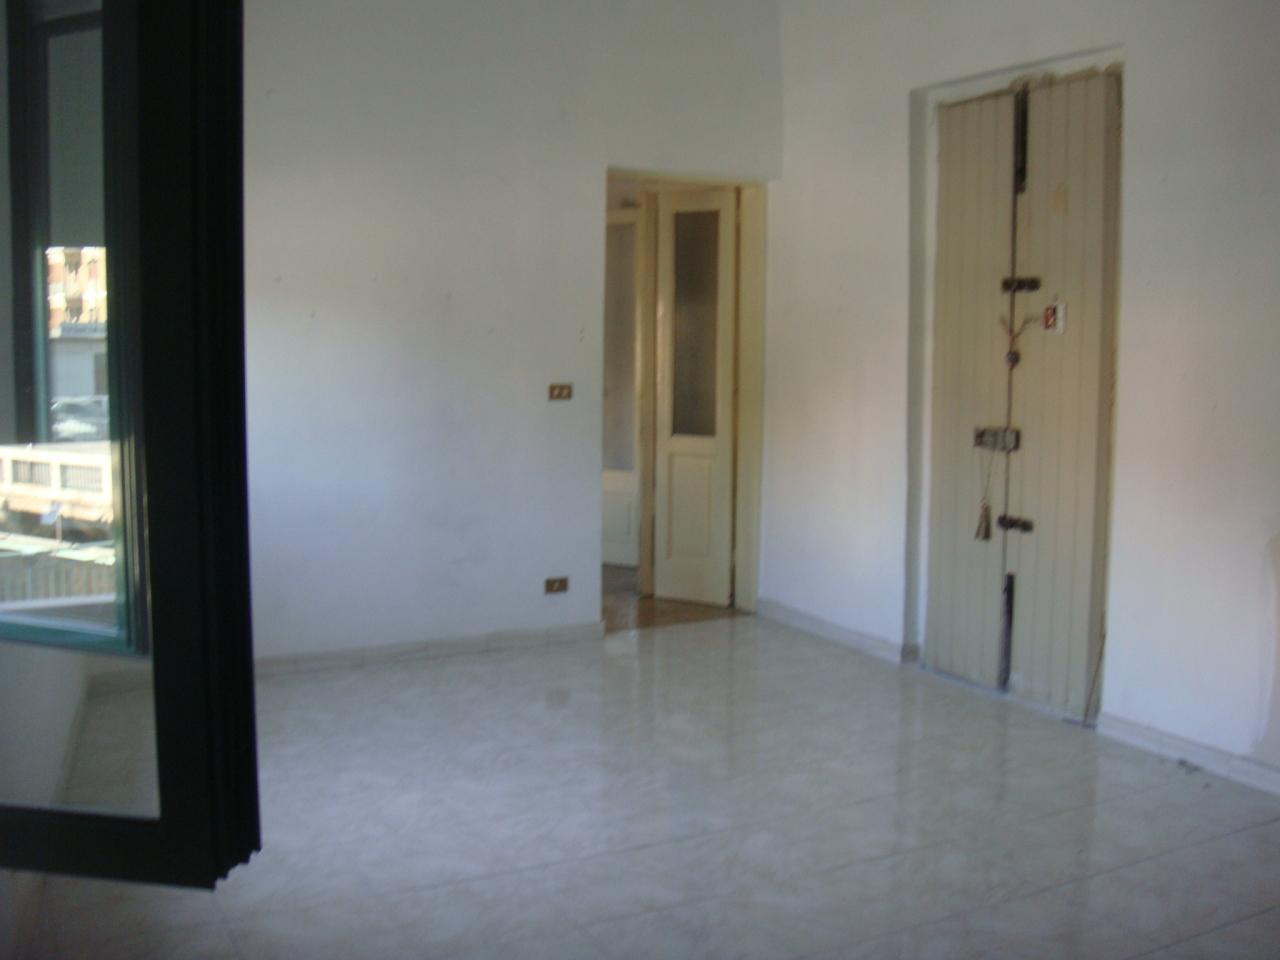 Appartamento in vendita a Reggio Calabria, 3 locali, prezzo € 120.000 | CambioCasa.it